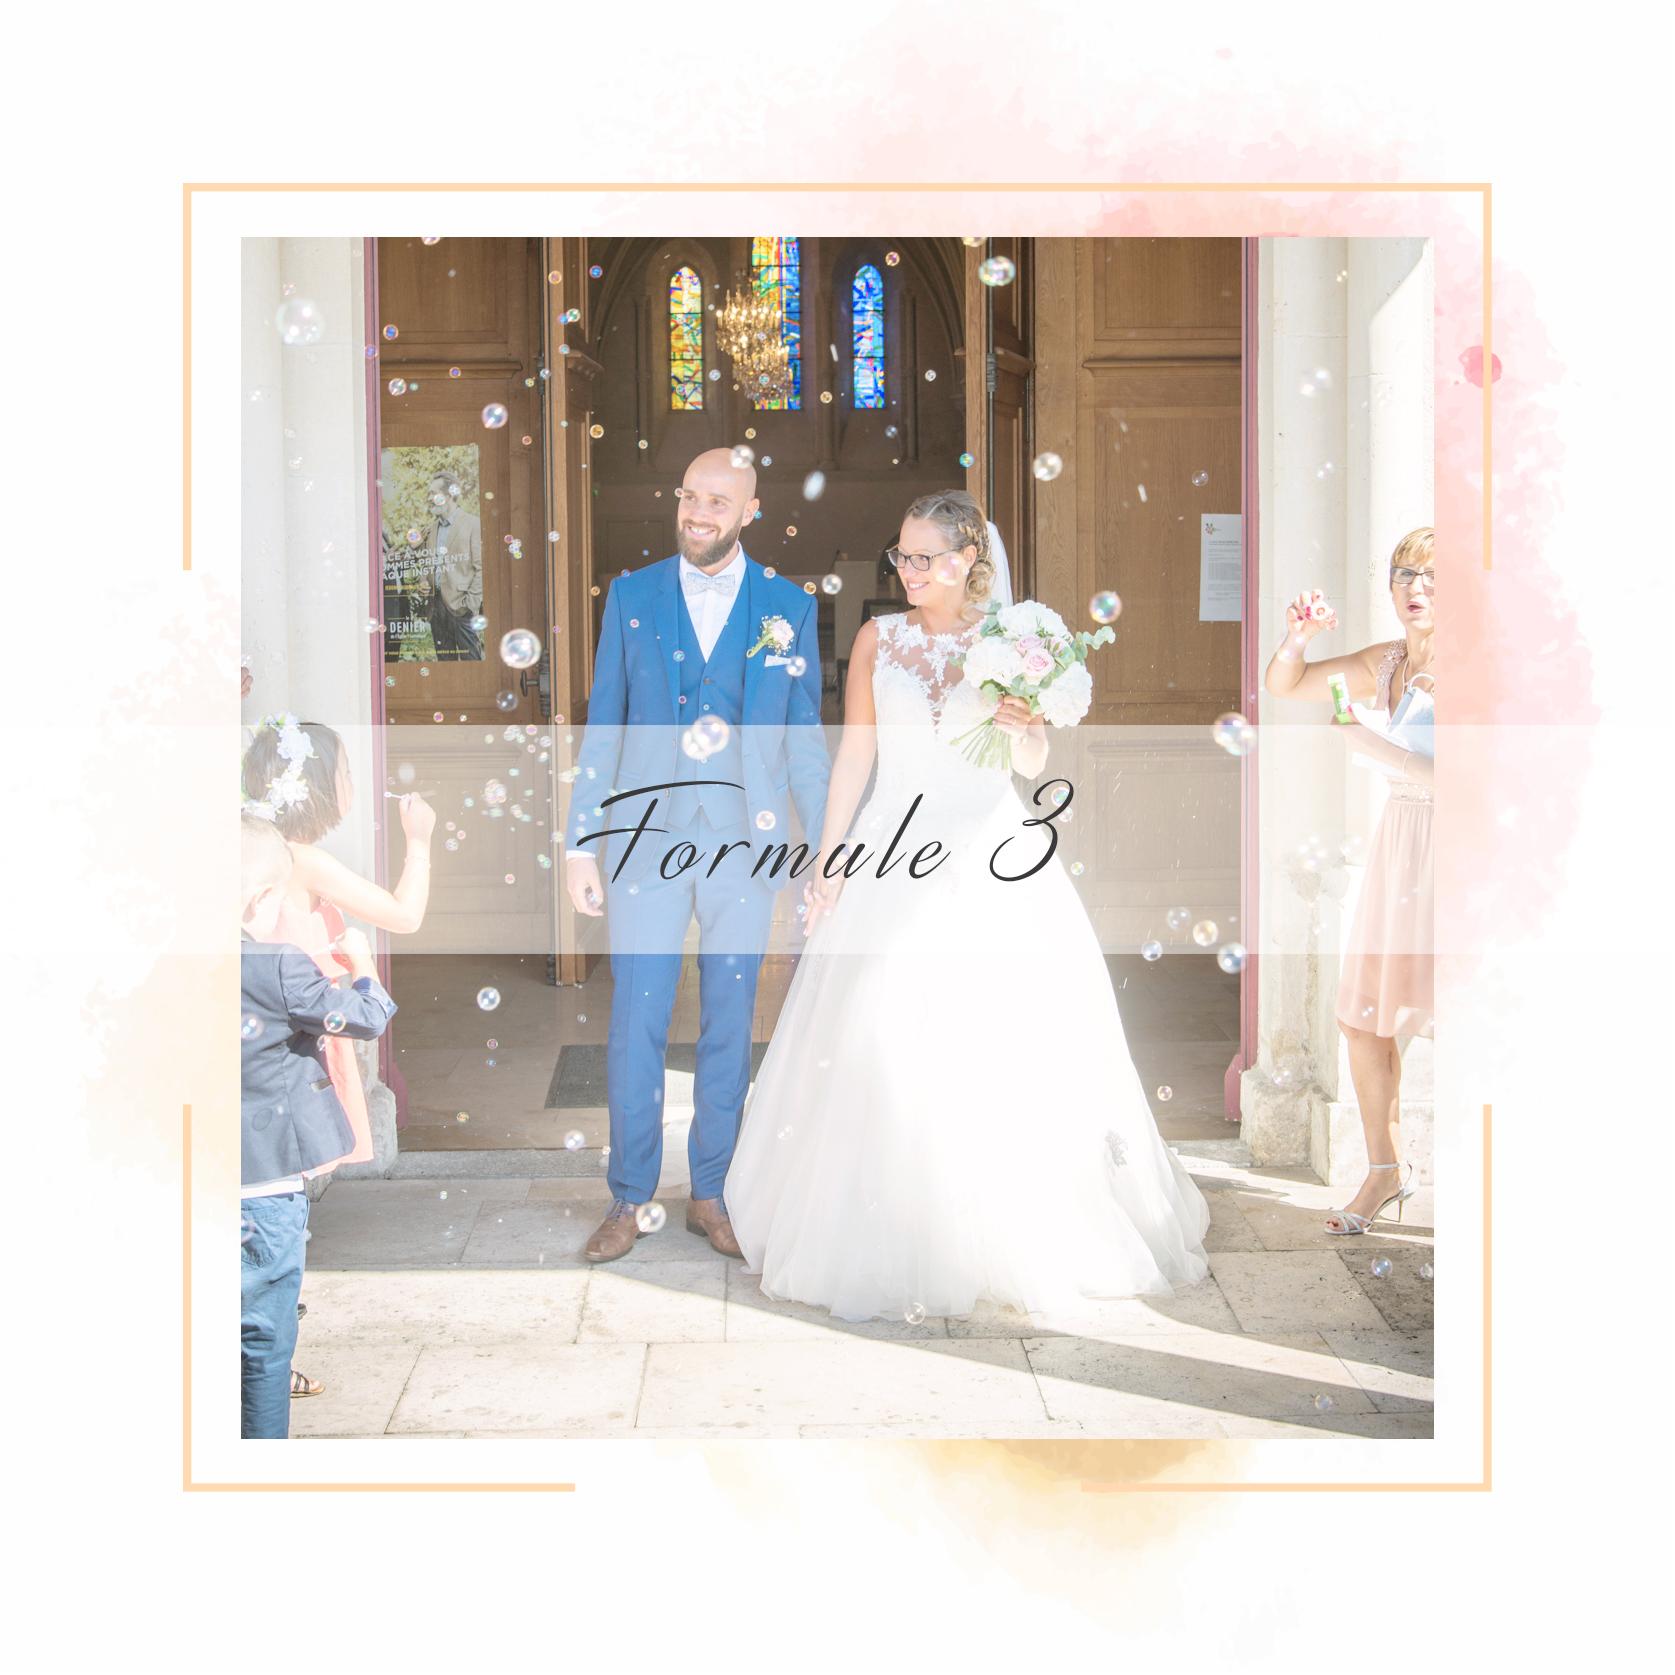 Photographe de mariage proche de Paris